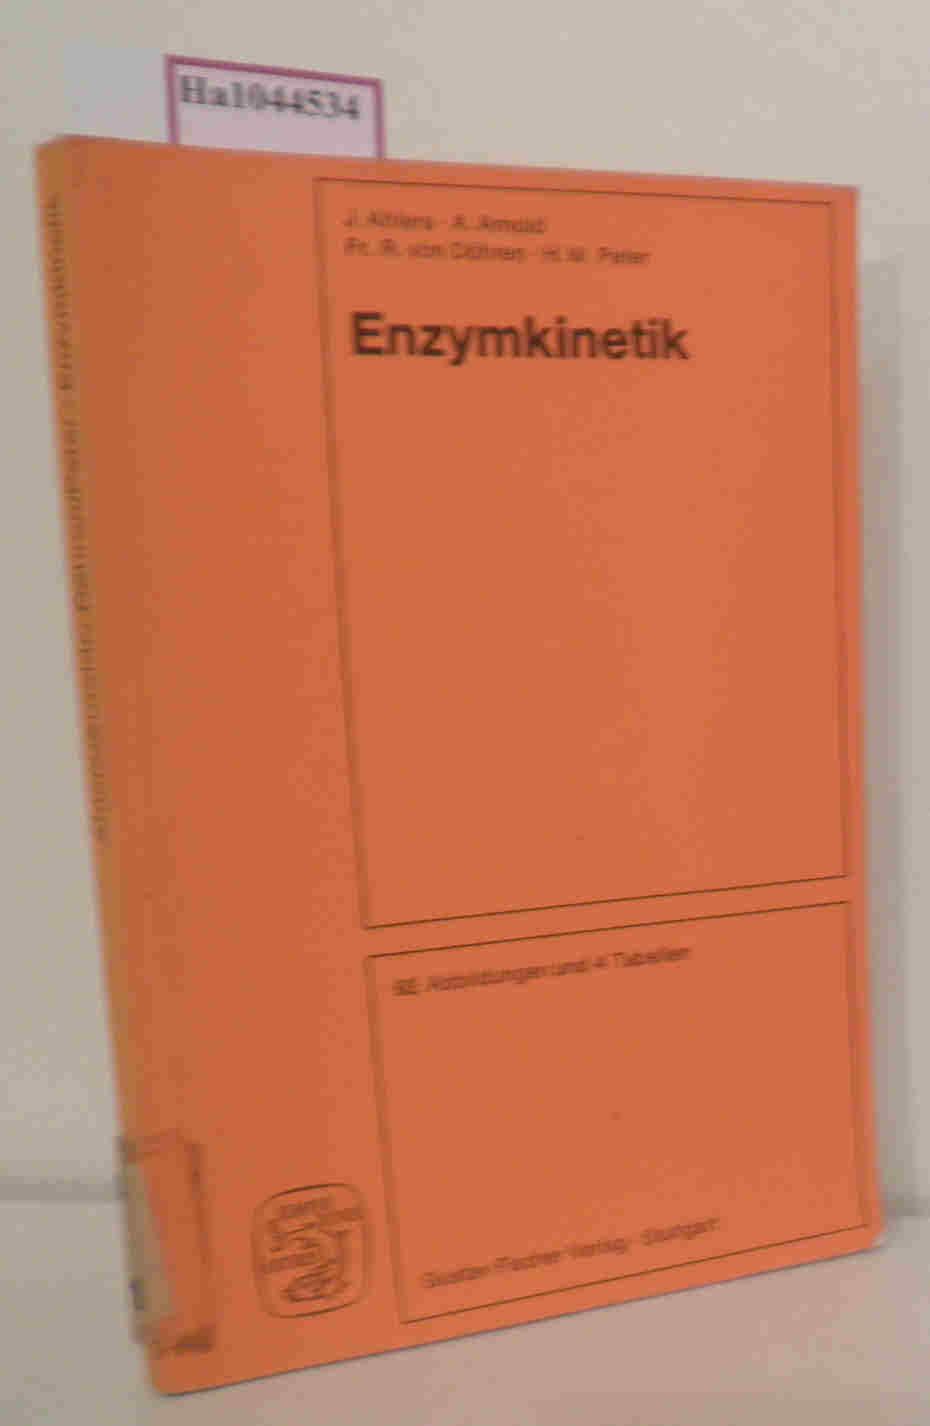 Enzymkinetik. Eine programmierte Einführung in die Theorie der Enzymkinetik und ihre praktische Anwendung.